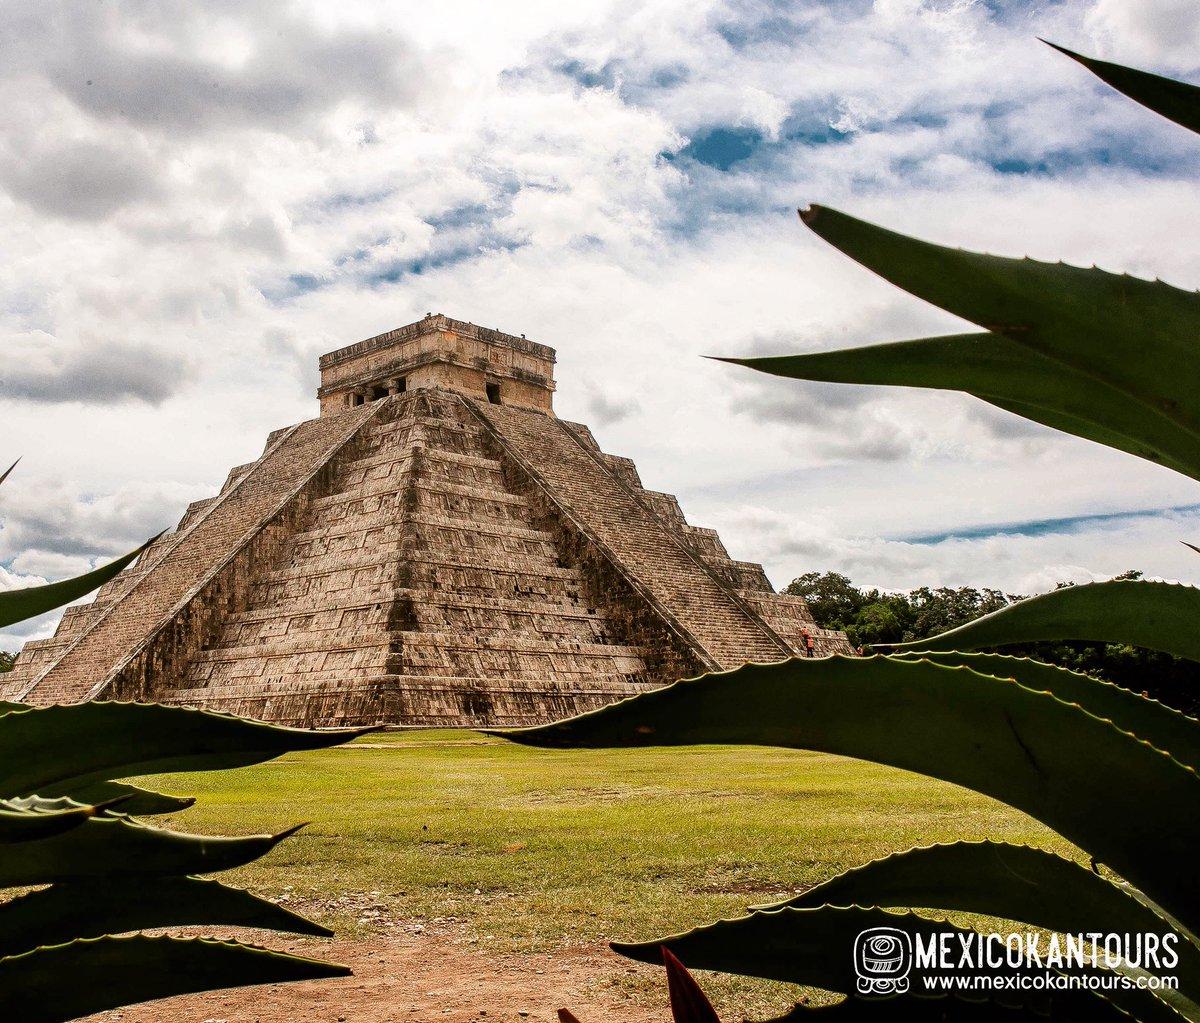 mexico kan tours eco tours tulum riviera maya mexicokantours